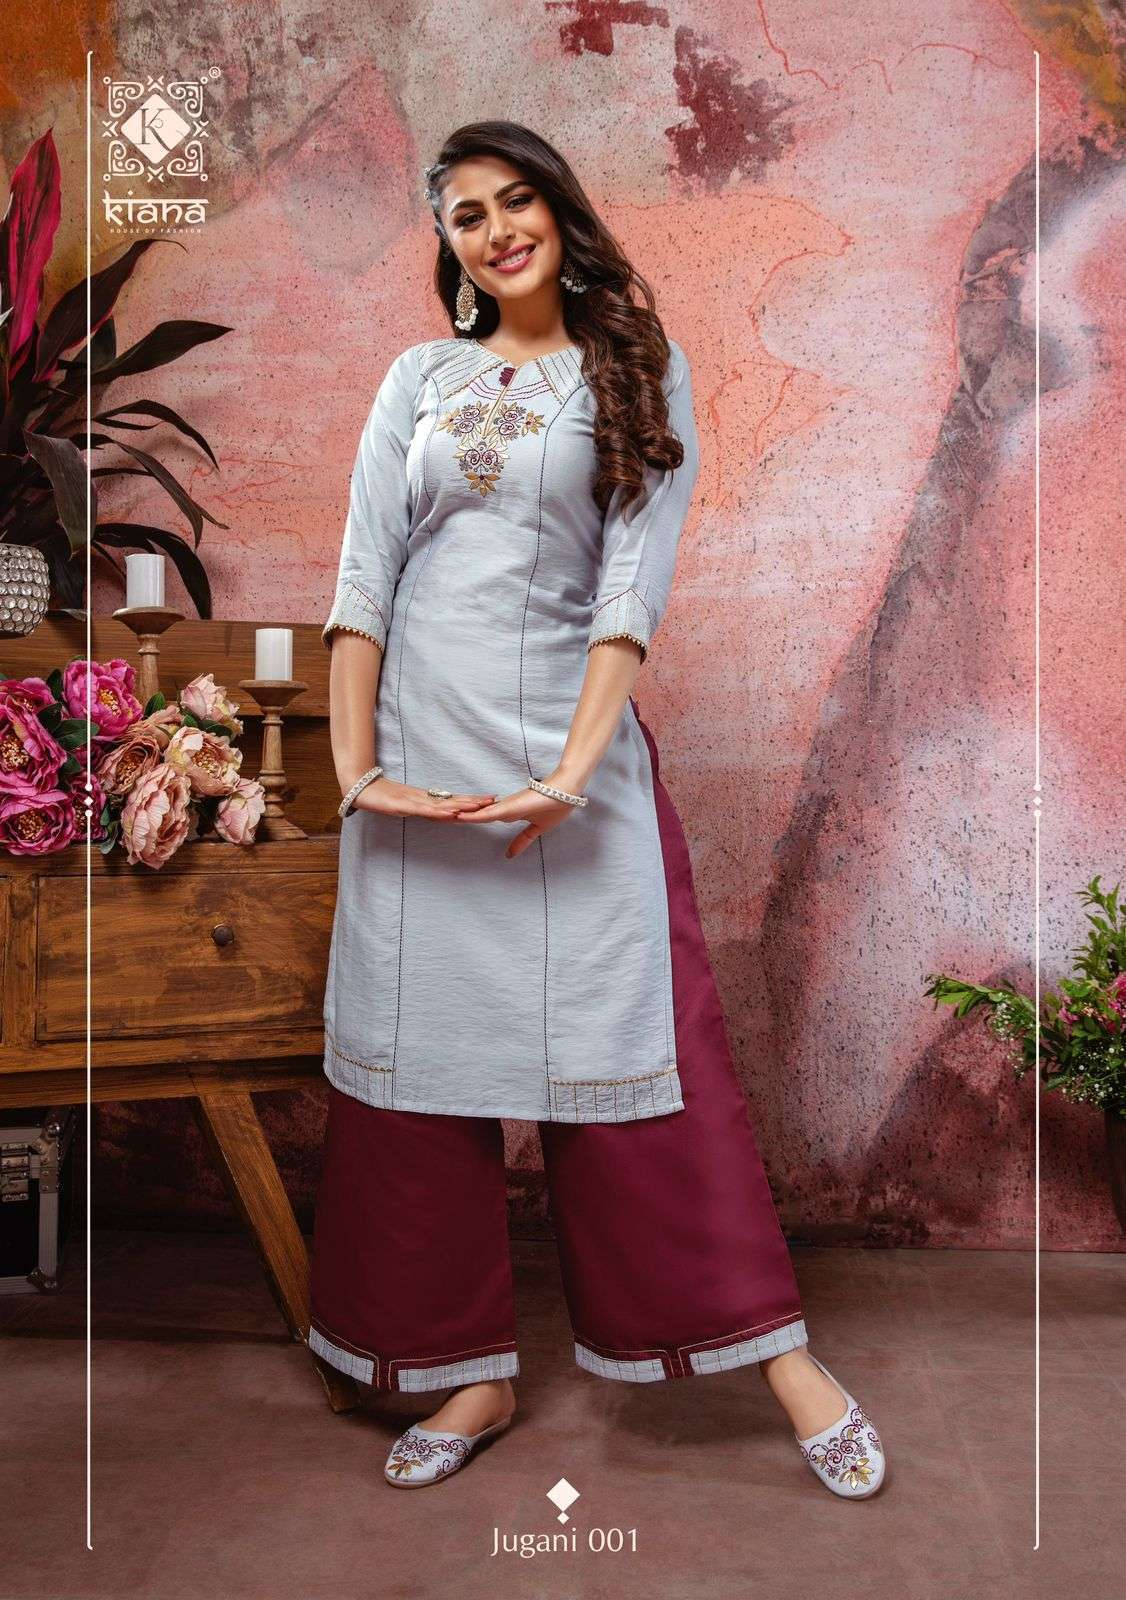 Kiana fashion Jugani Viscose Silk with Gota patti Work Kurti With Bottom And Matching jutti Collection